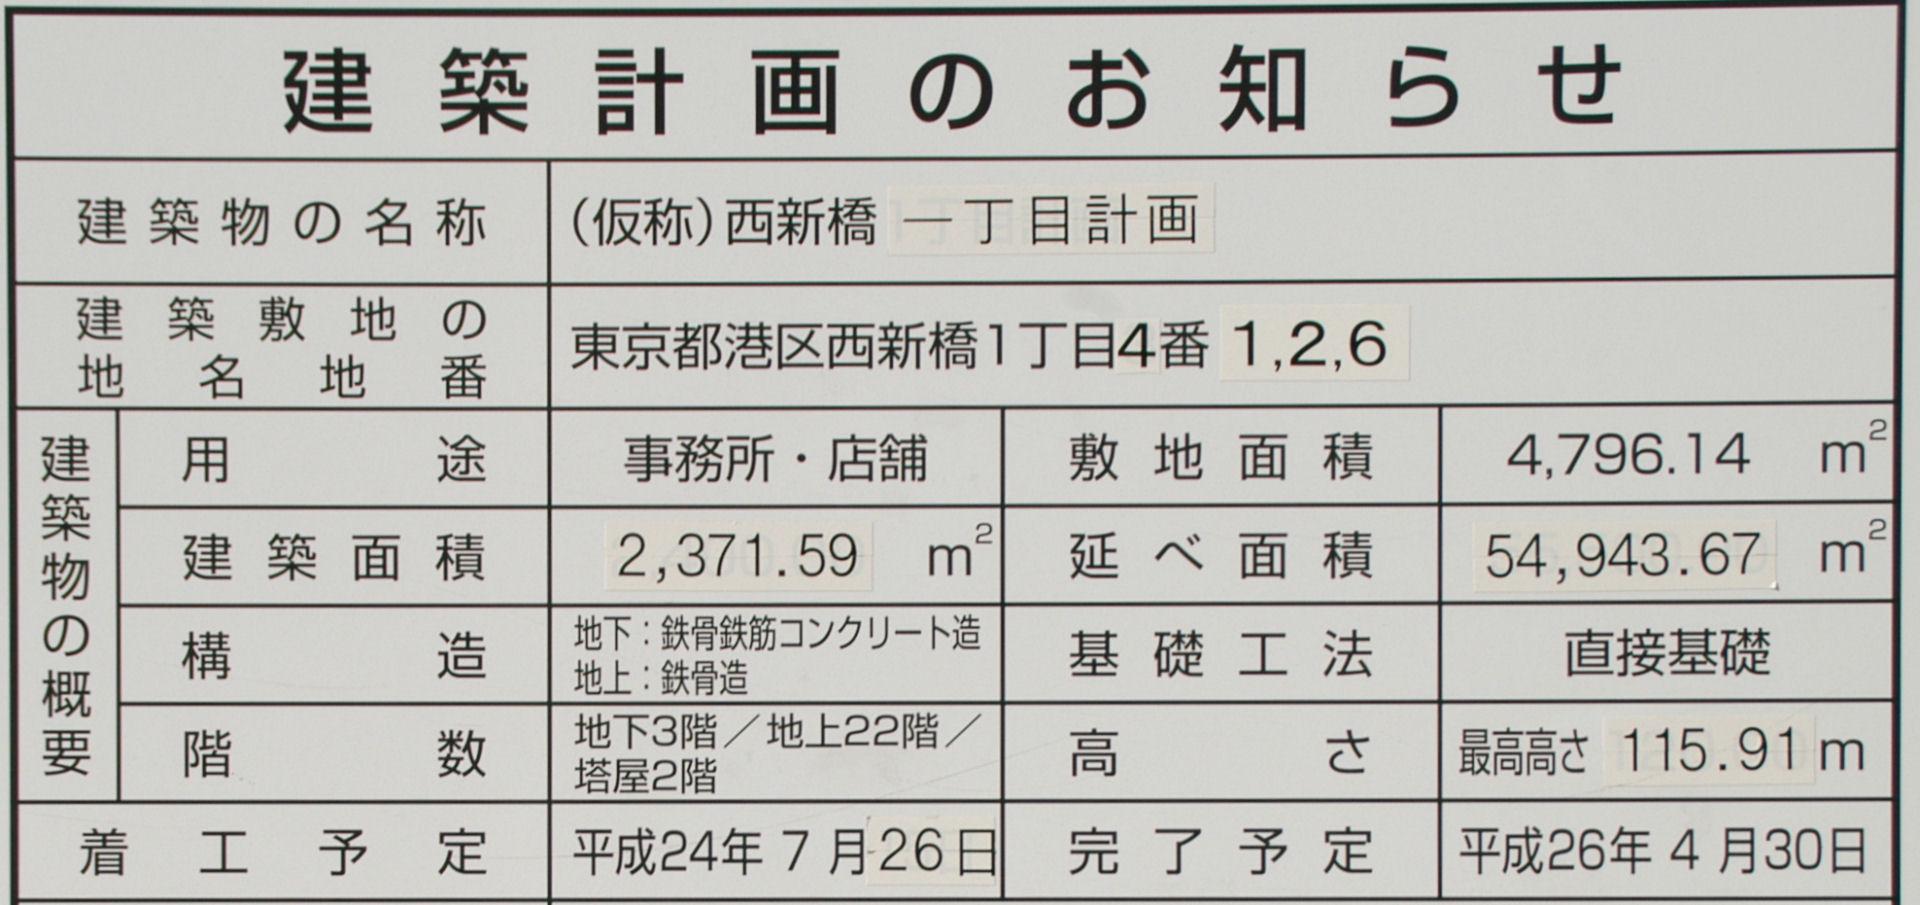 shinbashi13010141e.jpg